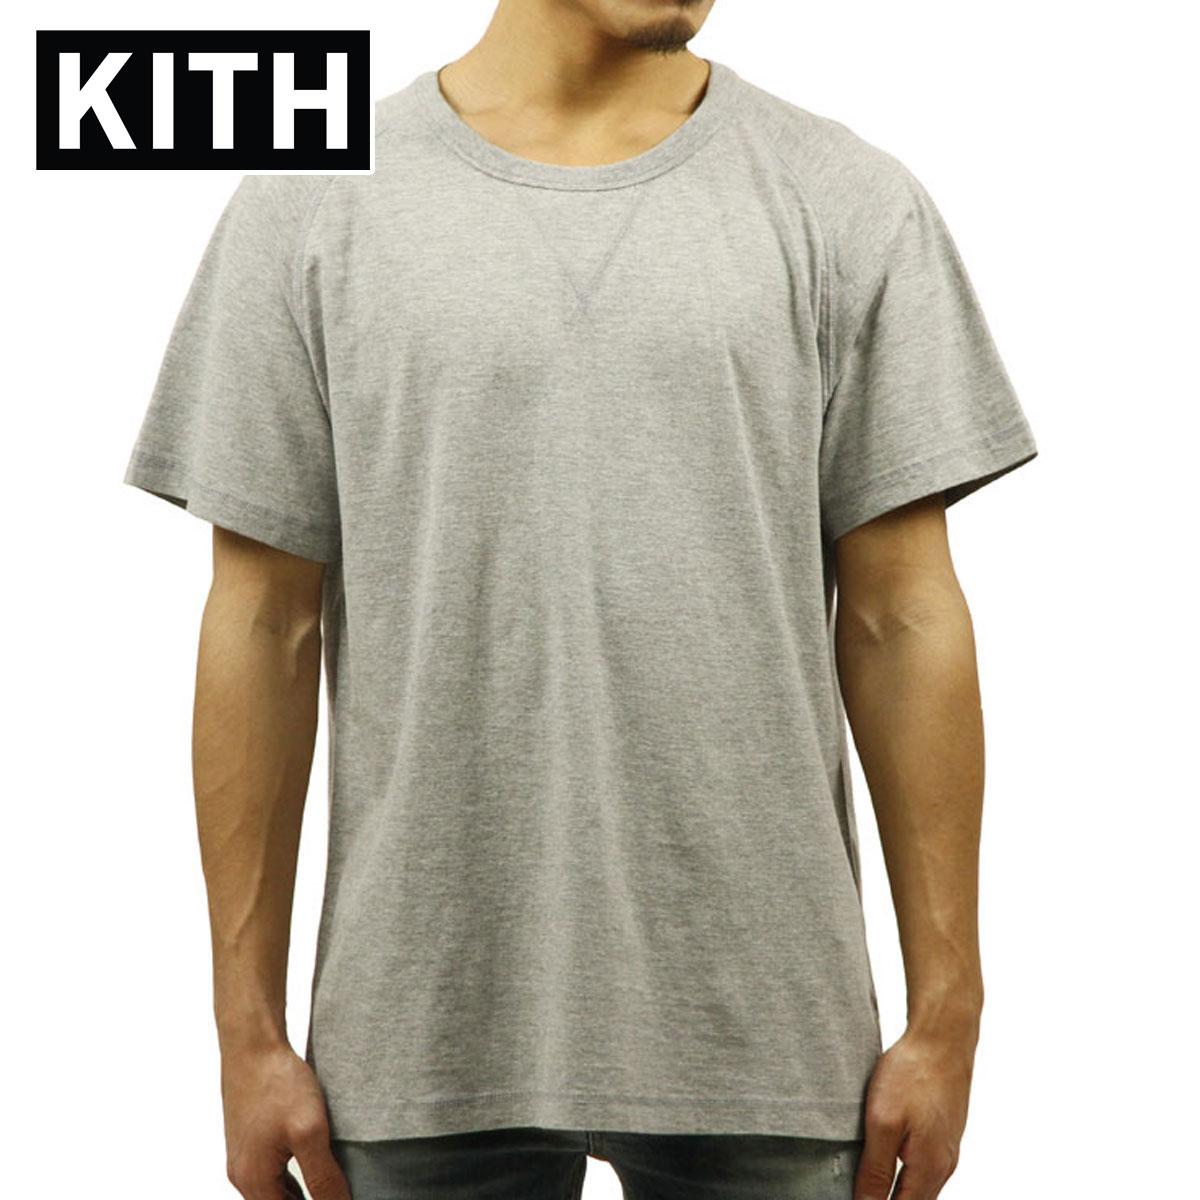 キス KITH 正規品 メンズ 半袖Tシャツ KITH LEWIS TEE - ATHLETIC GREY D00S15